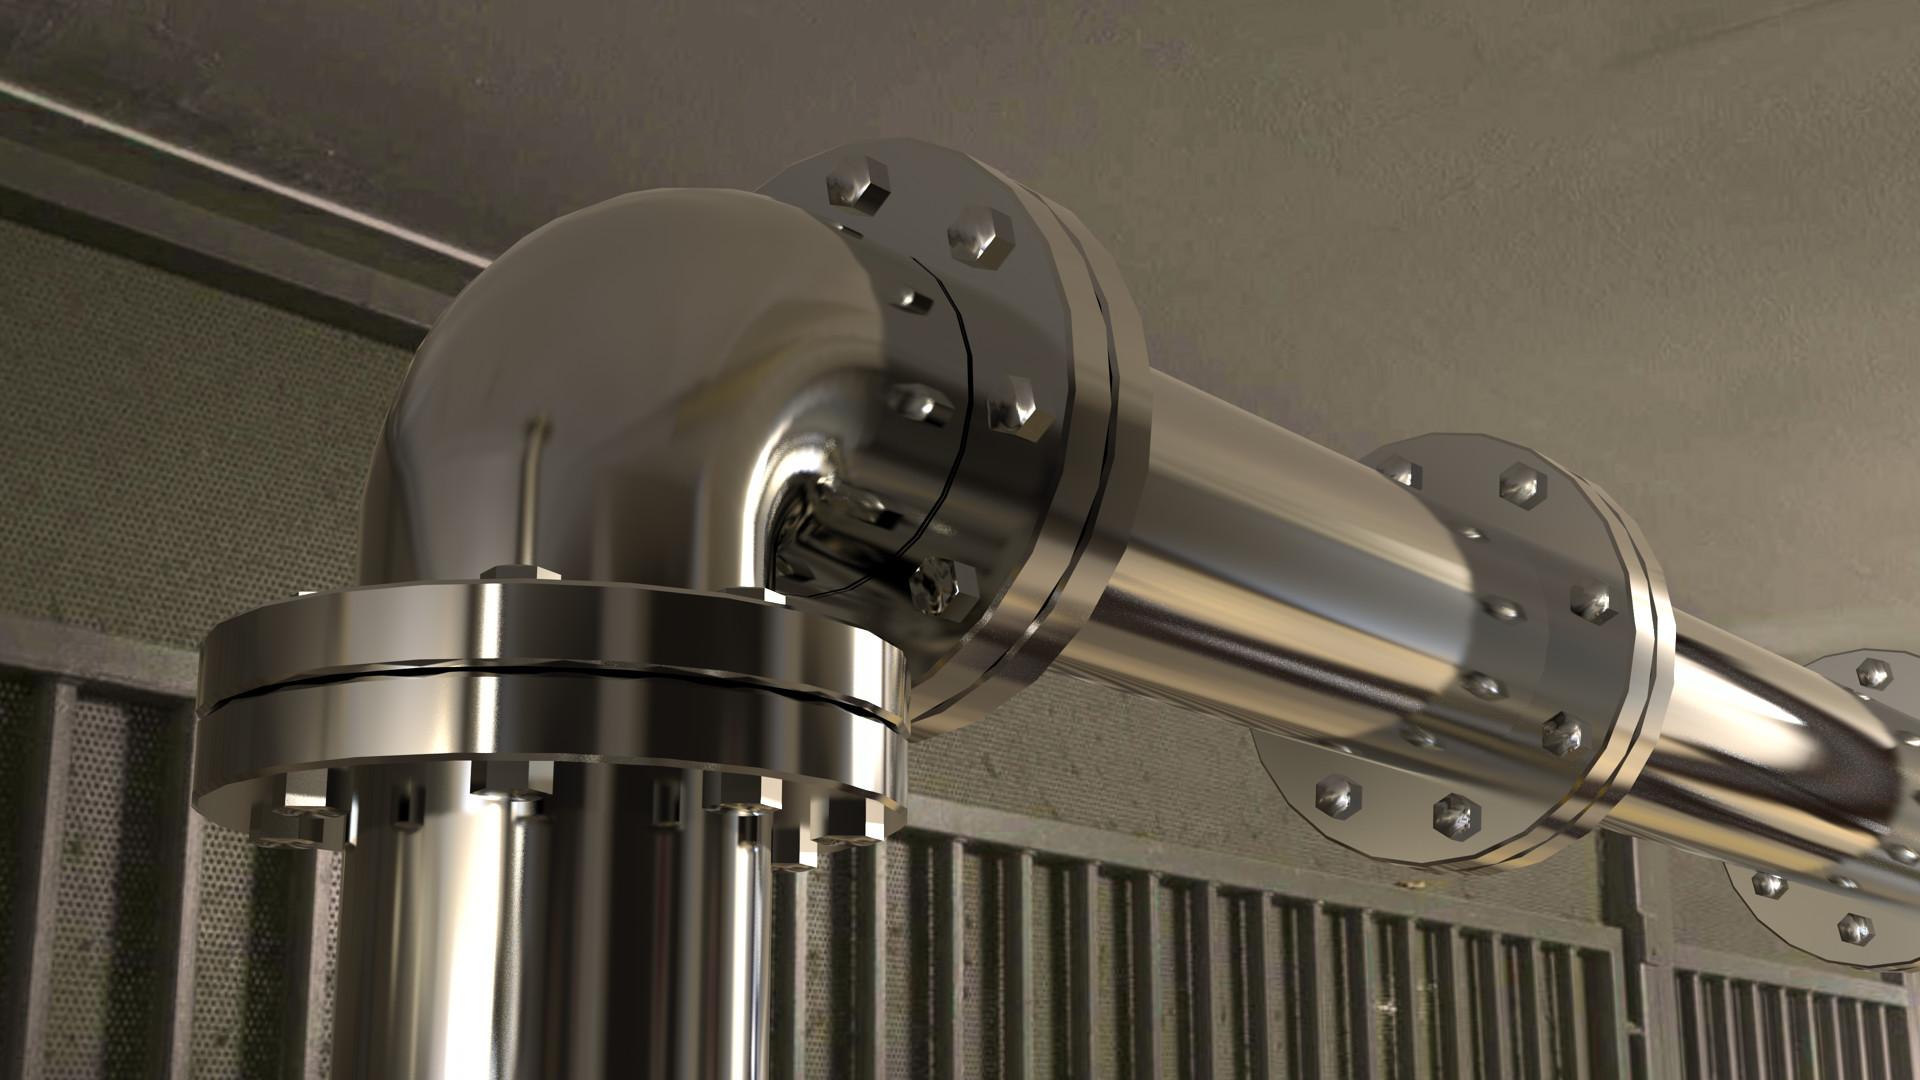 Duane kemp rivendell stainless steel uv 02